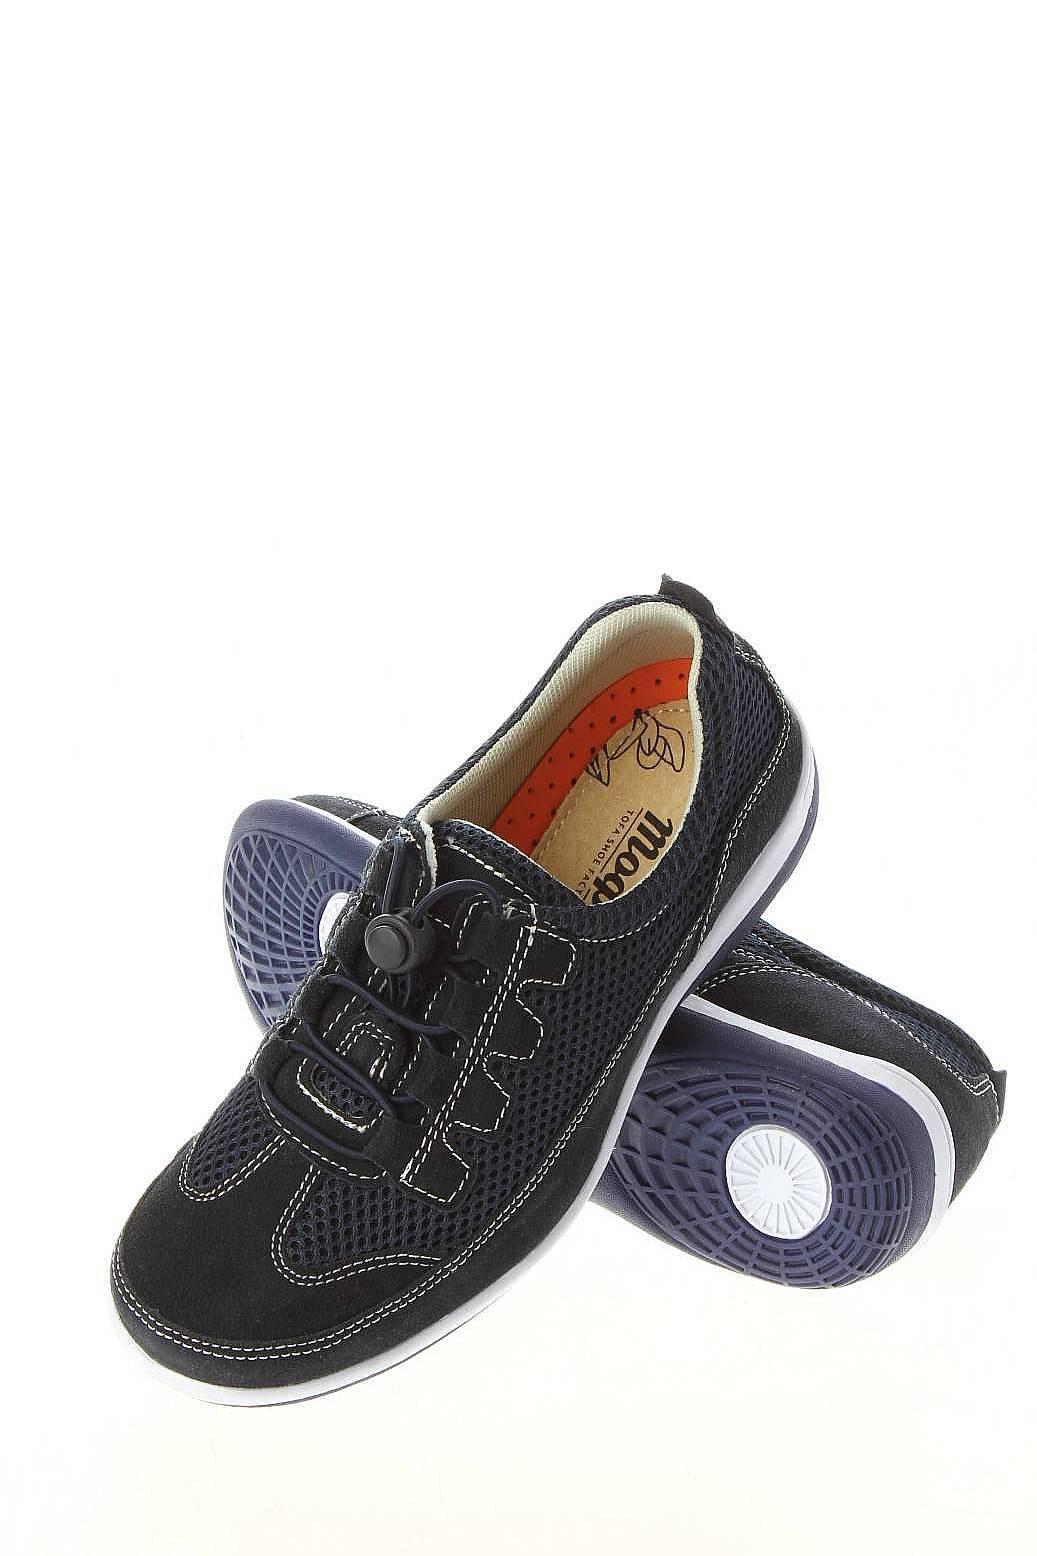 Мужская Обувь Детская Обувь Женская Обувь Ботинки: Tofa Обувь